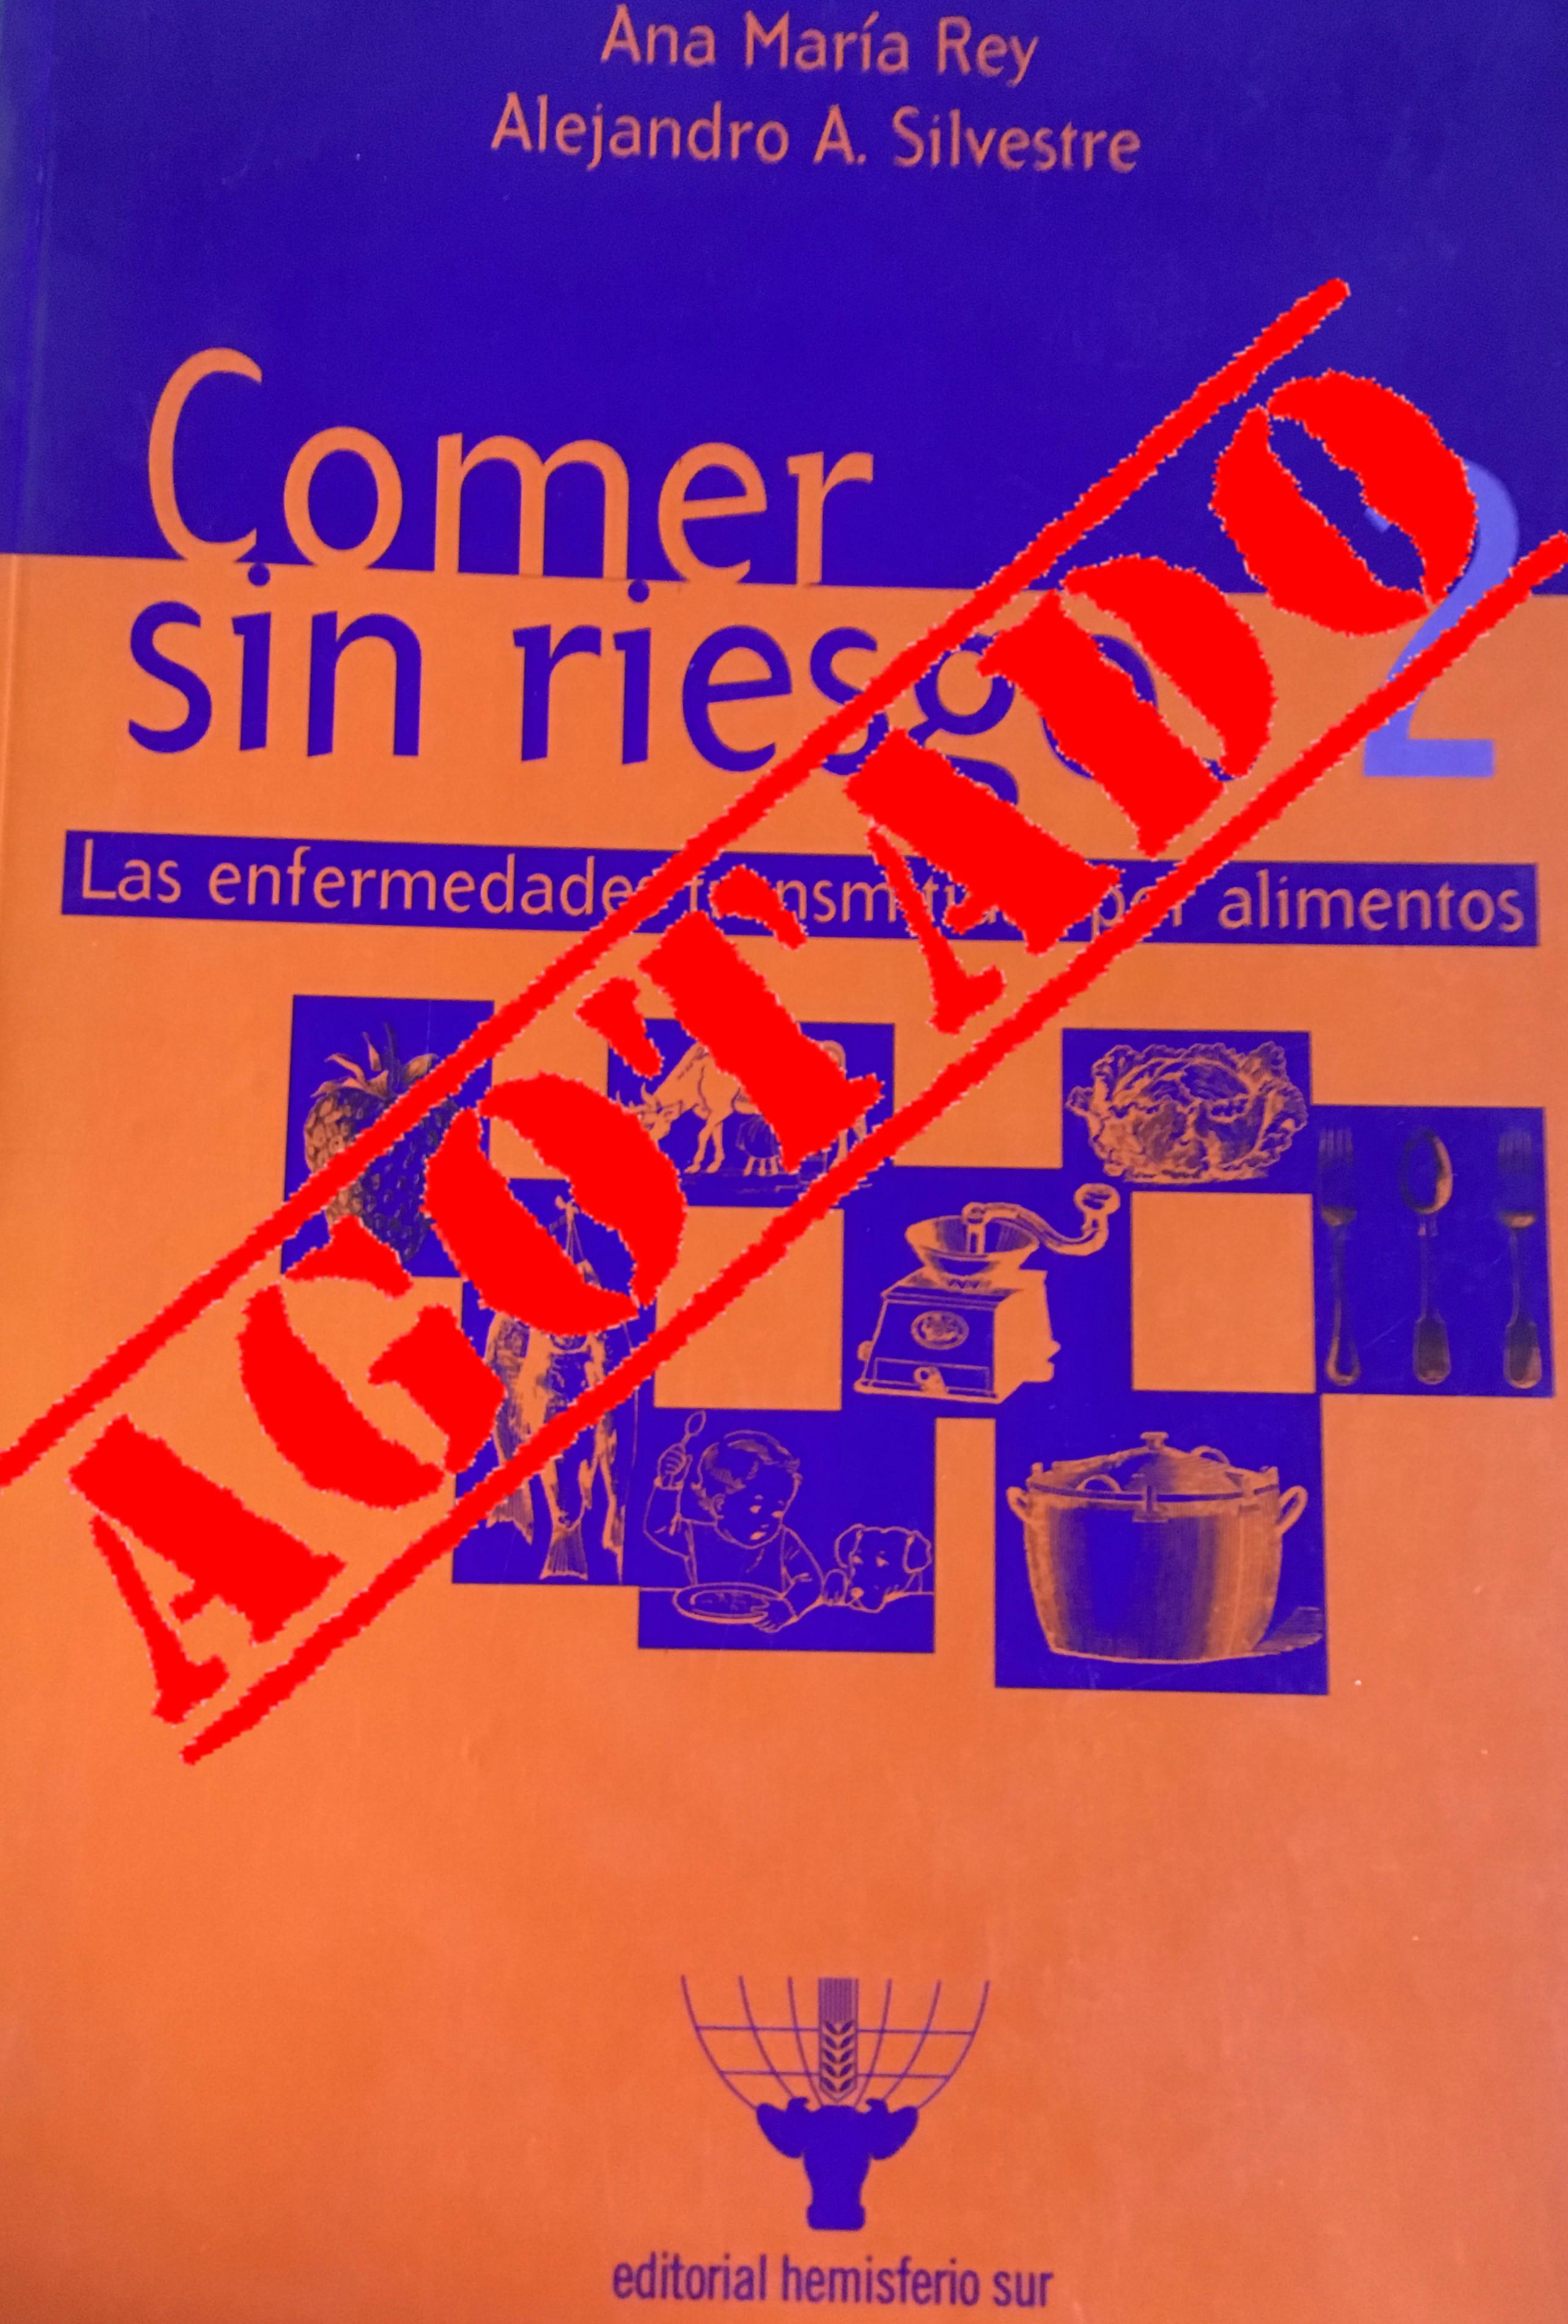 Edición argentina (1° Edición)